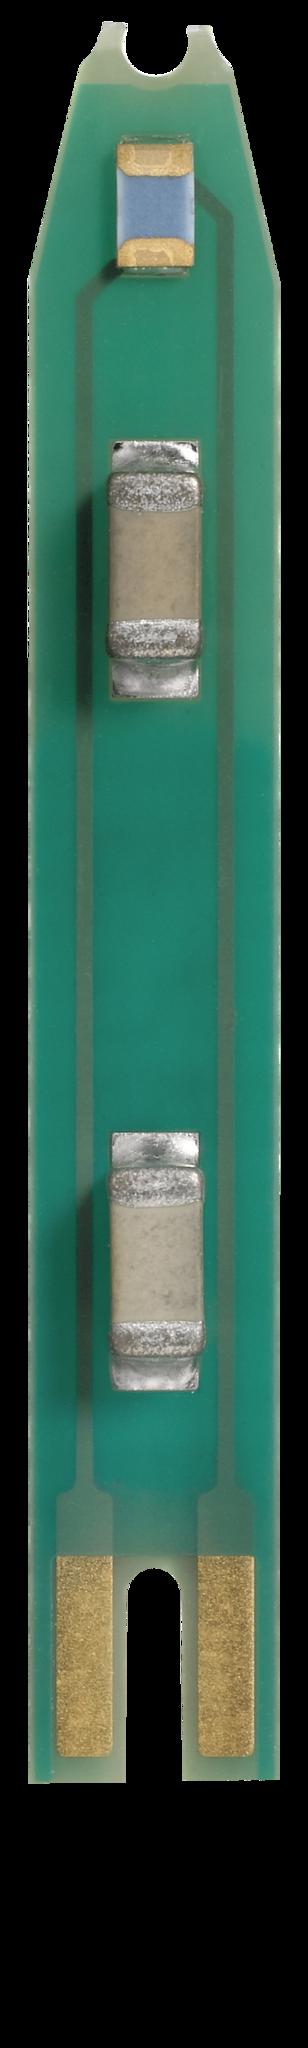 Platinum-chip temperature sensors